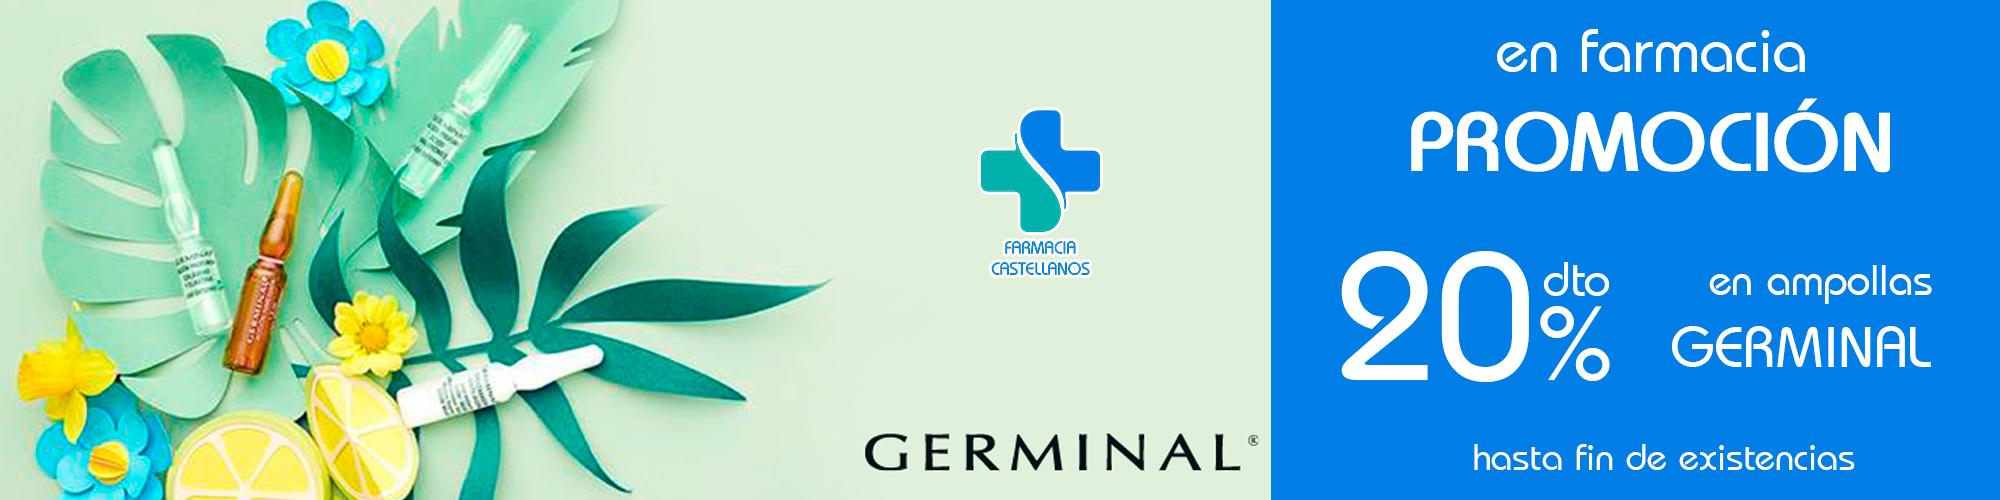 ampollas-germinal-farmaciabeatrizcastellanos